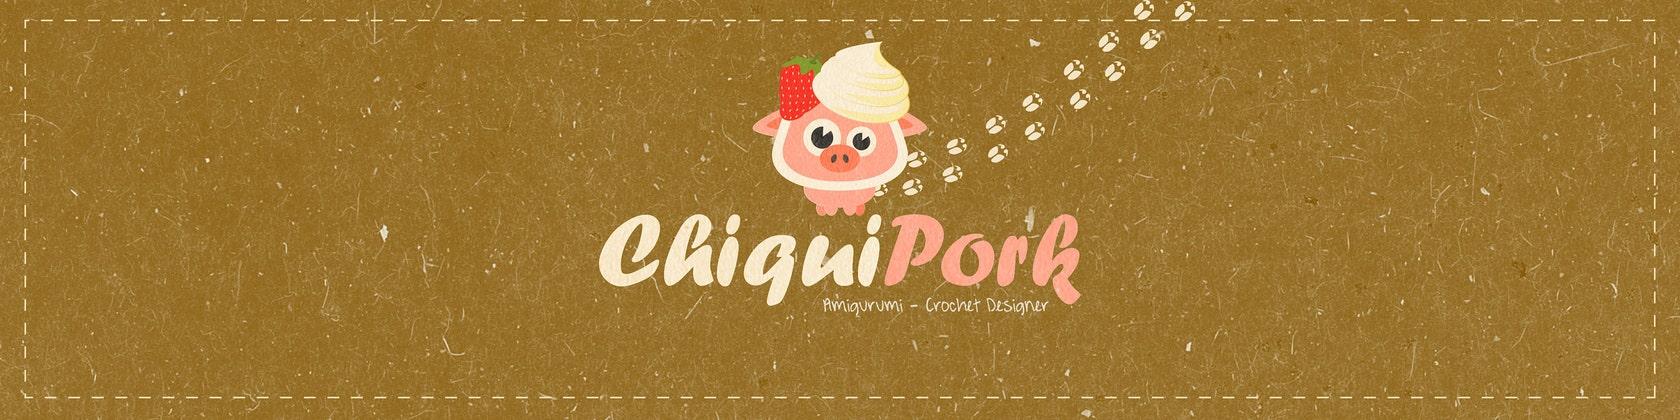 Diseñador y creador de Amigurumis / Patrones por ChiquiPork en Etsy